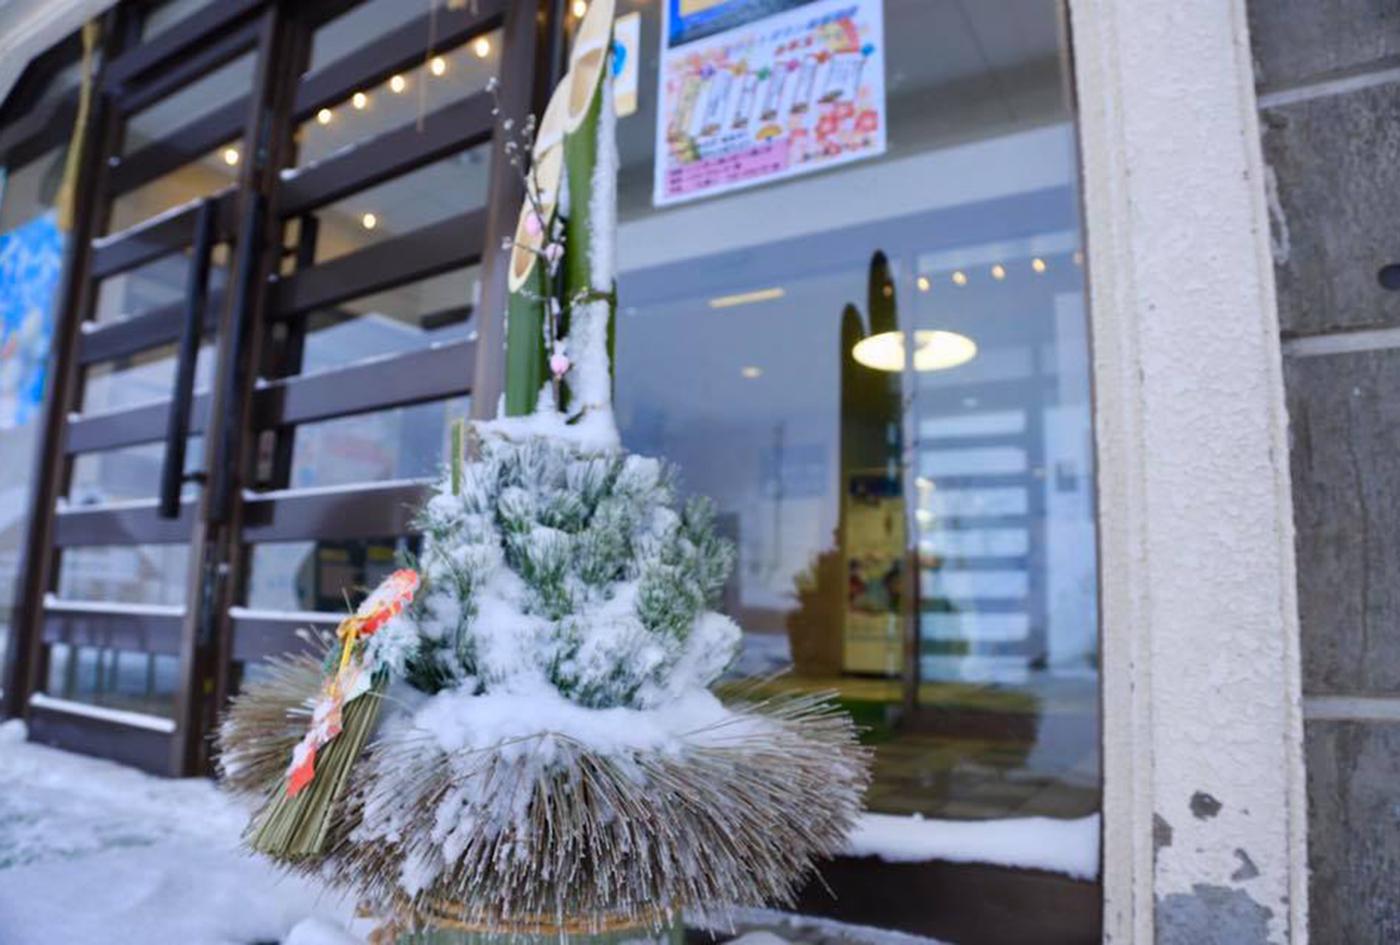 志賀高原・熊の湯スキー場 年越しイベント | 長野県